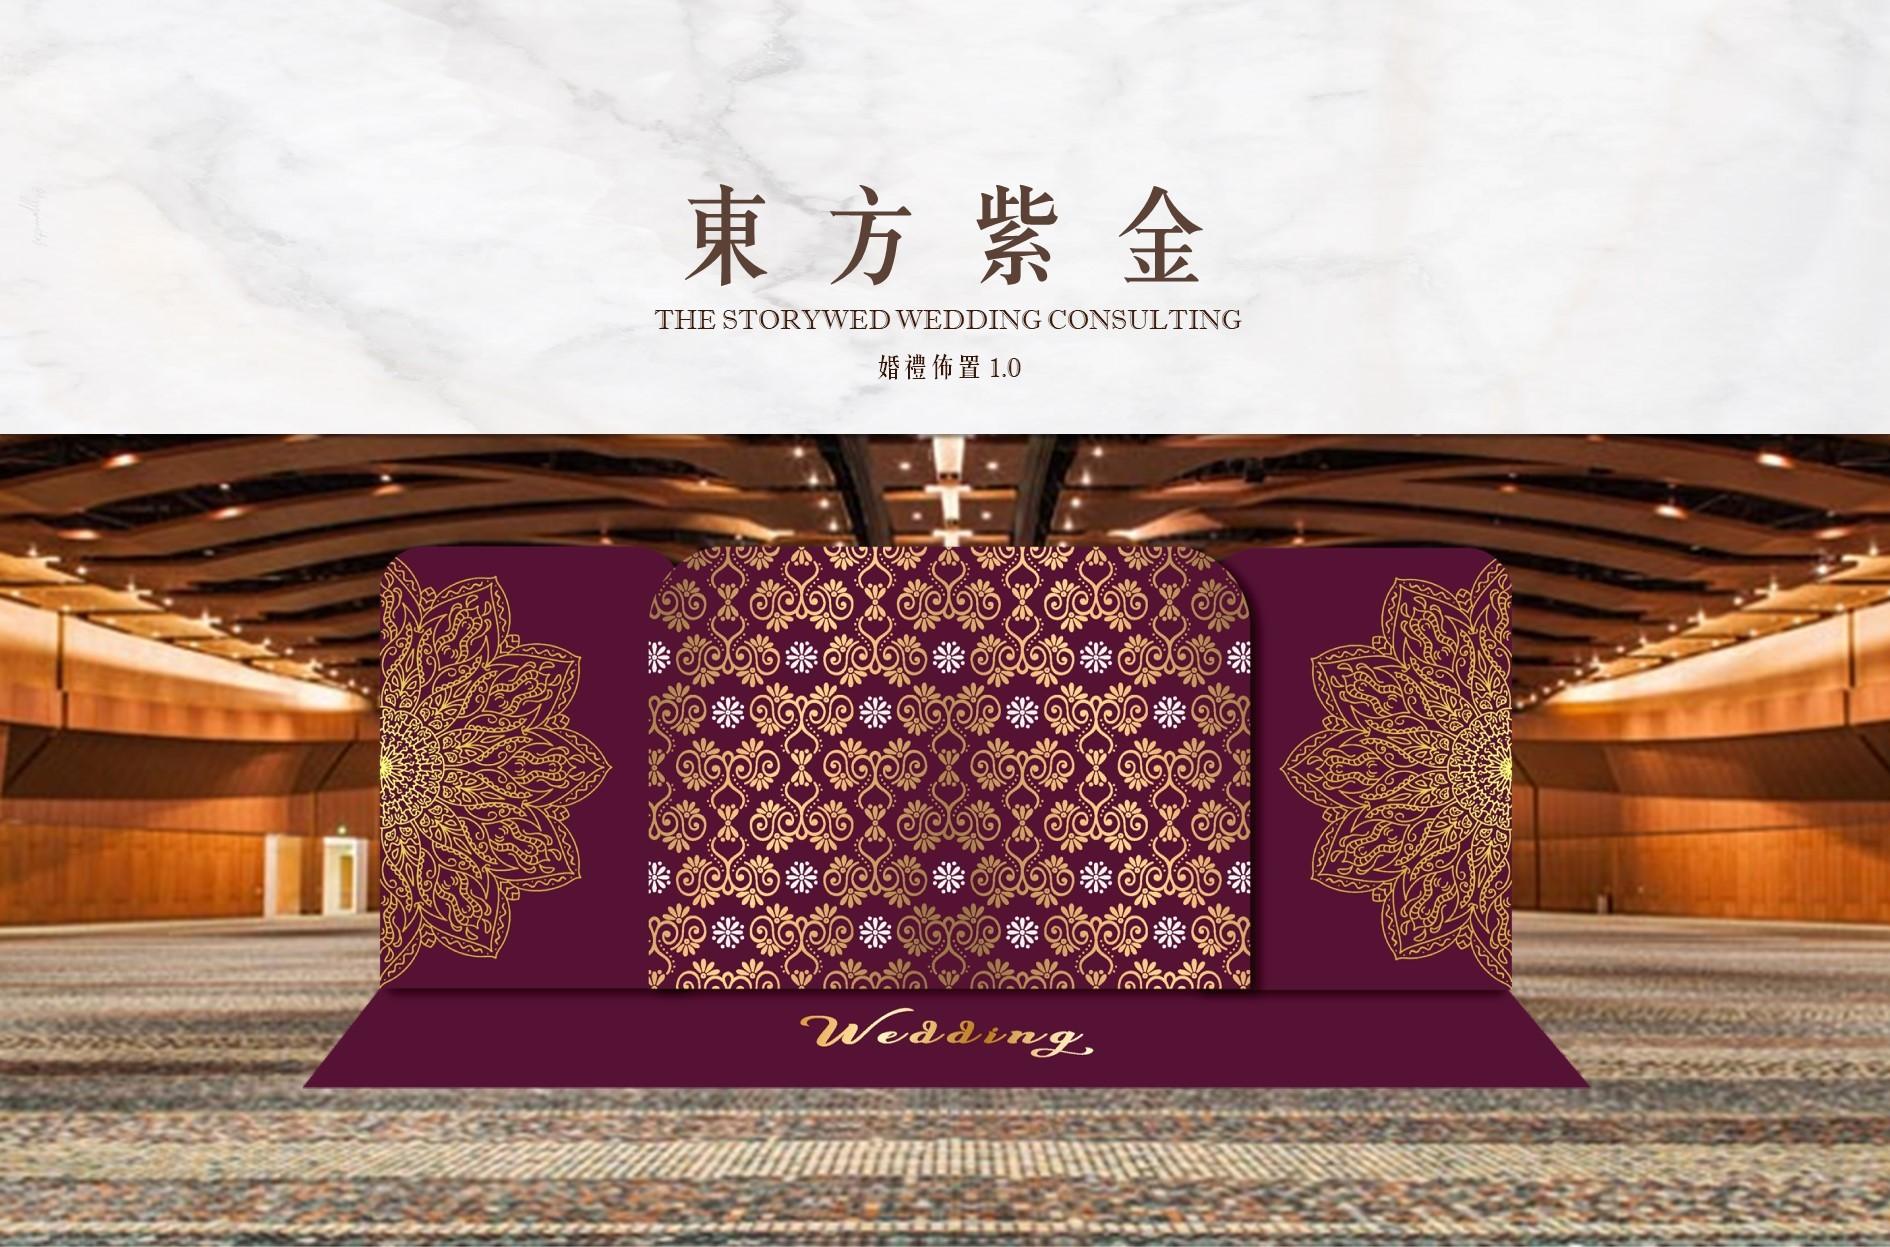 〖婚禮佈置1.0〗東方紫金